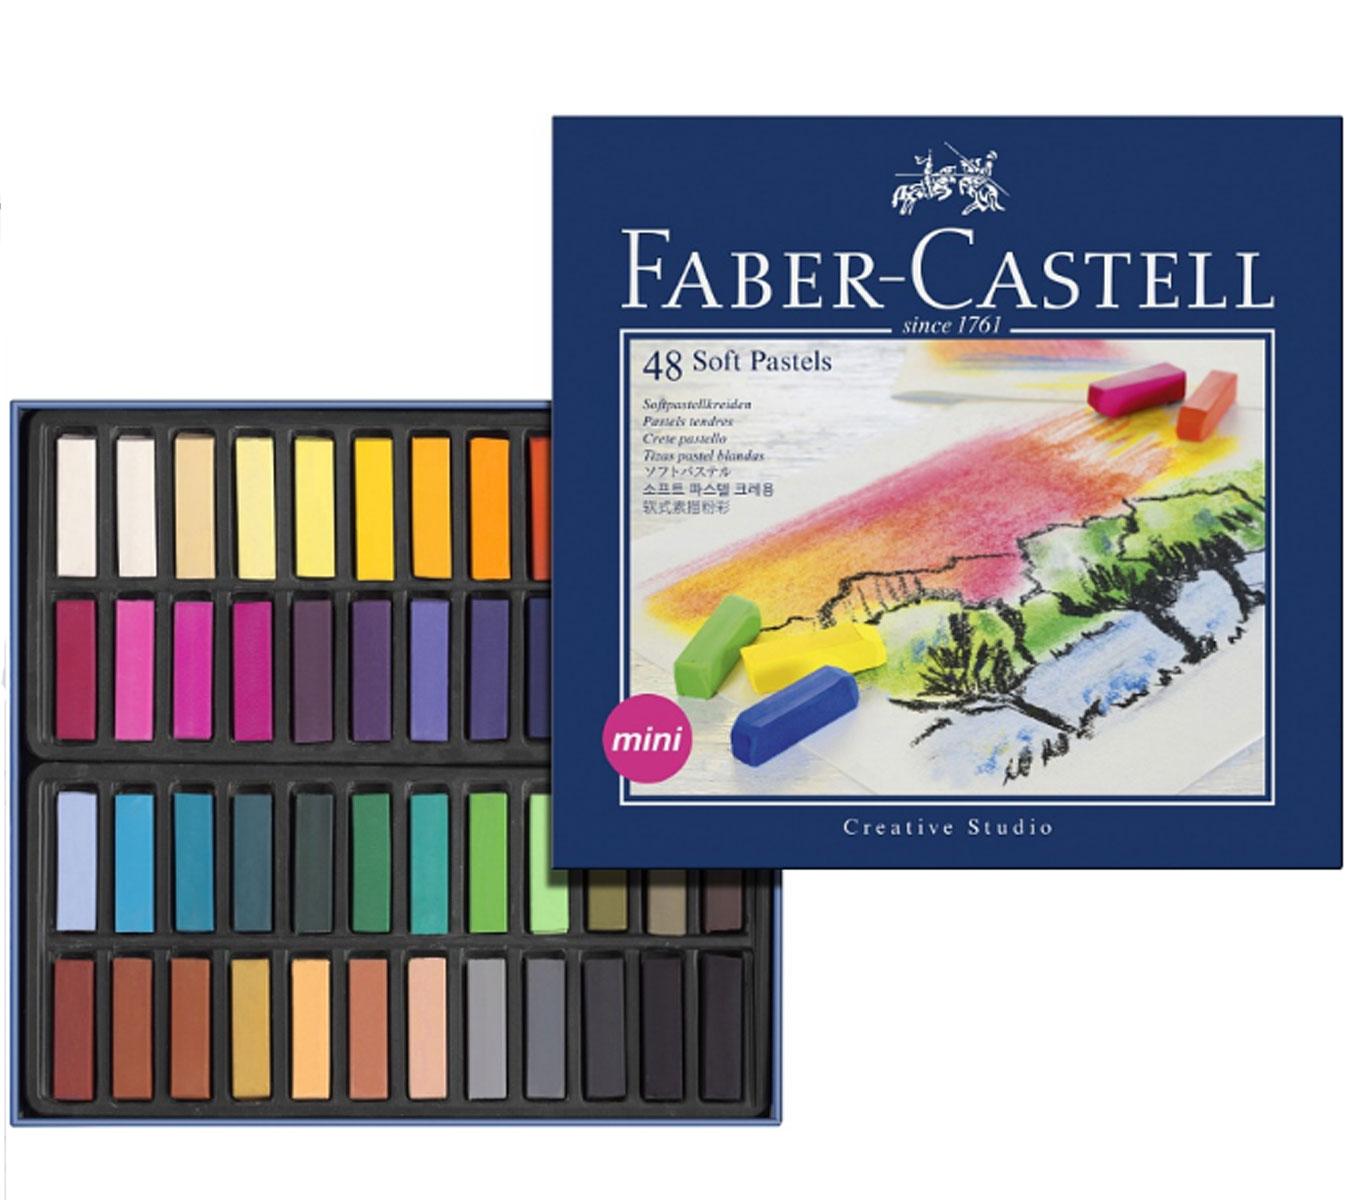 Мягкие мини-мелки Faber-Castell Studio Quality Soft Pastels, 48 шт2824Набор Faber-Castell Studio Quality Soft Pastels содержит мягкие мини-мелки квадратной формы 48 цветов - от ярких активных тонов до приглушенных оттенков. Мелки великолепного качества не крошатся при работе, обладают отличными кроющими свойствами, обеспечивают хорошее сцепление с поверхностью, яркость и долговечность изображения. Мягкими мелками Faber-Castell Studio Quality Soft Pastels можно рисовать в любой технике, сочетая их с цветными карандашами и красками.